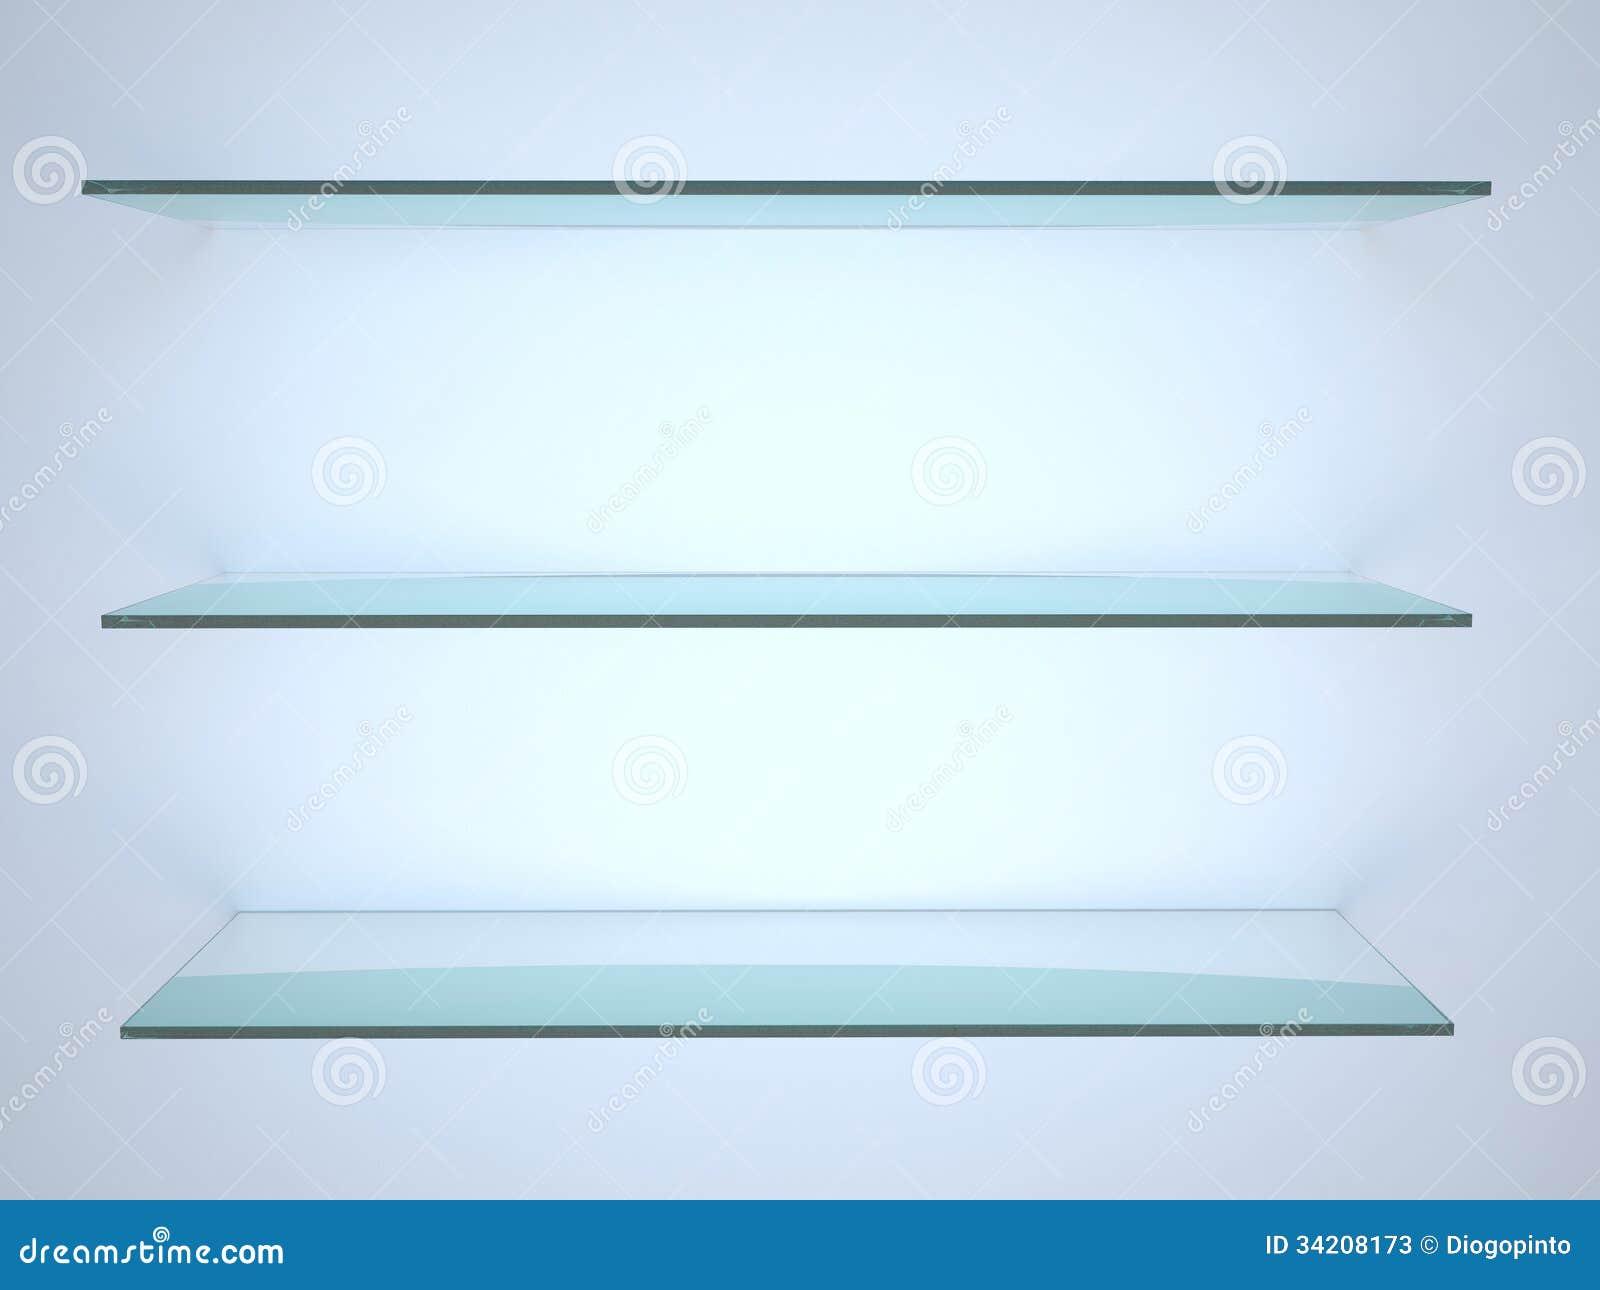 glasregal stockbild bild von platz haupt leer m bel 34208173. Black Bedroom Furniture Sets. Home Design Ideas